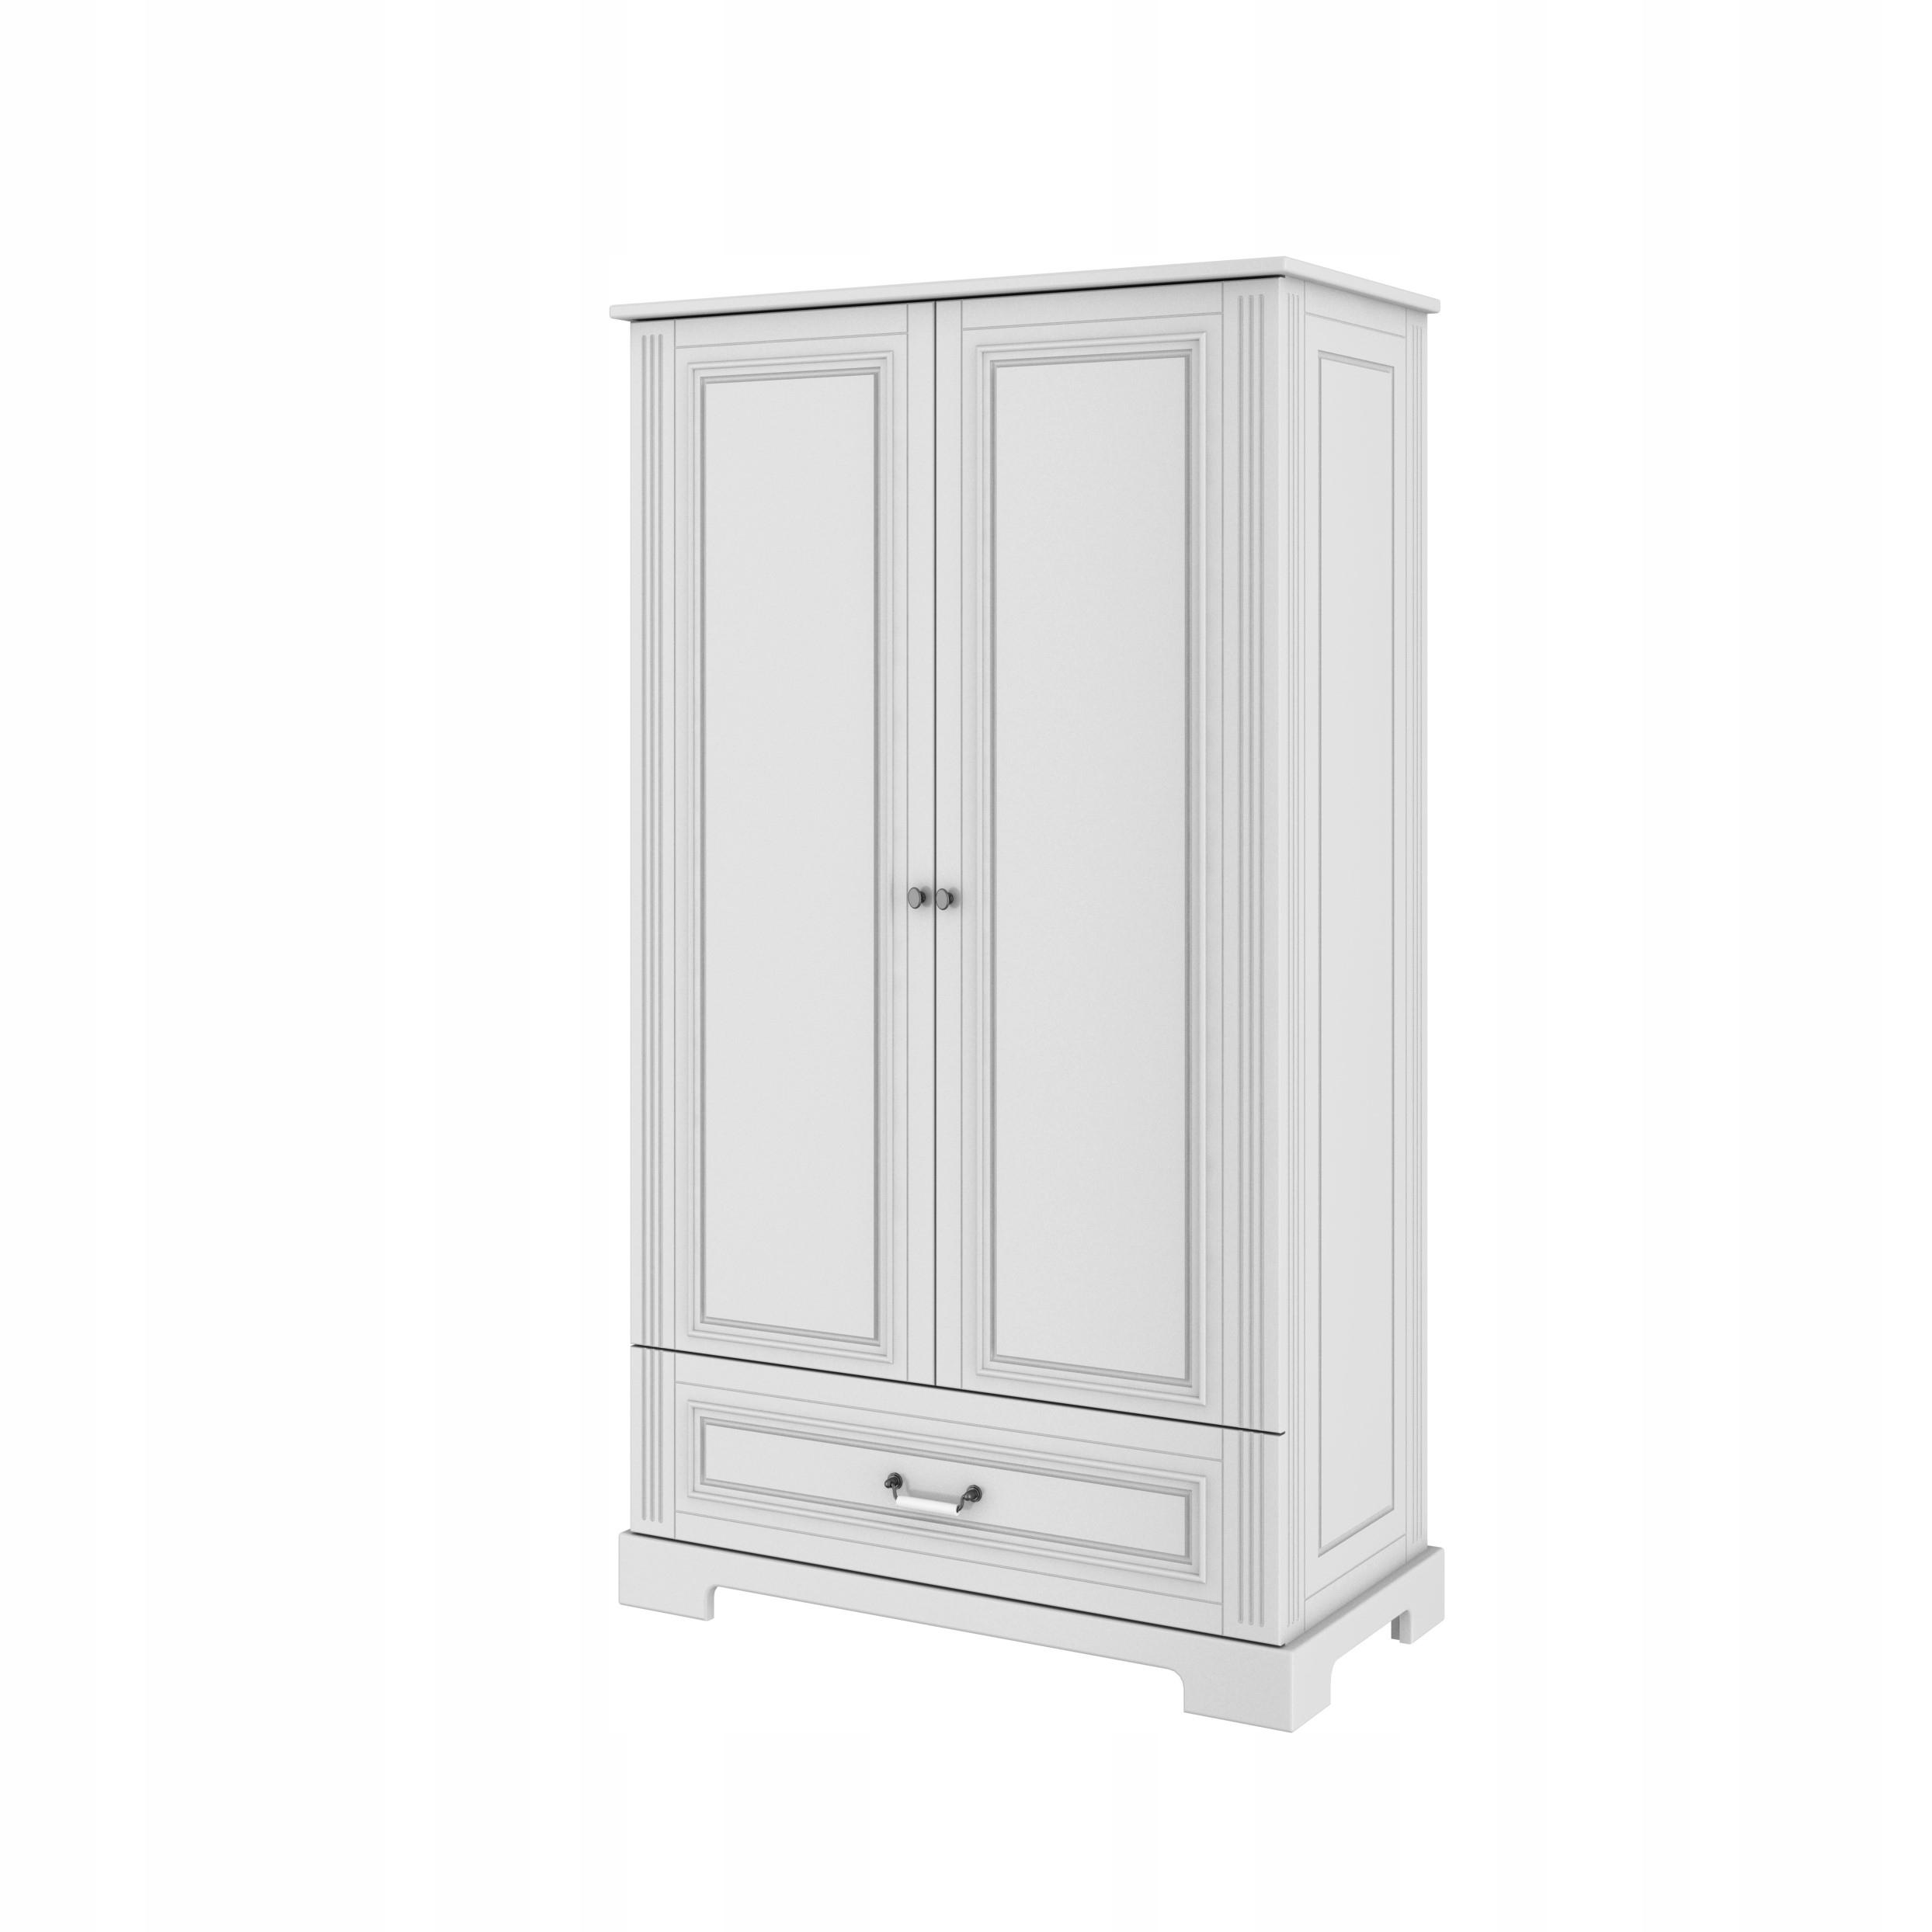 Ines szafa 2-drzwiowa biała, Bellamy